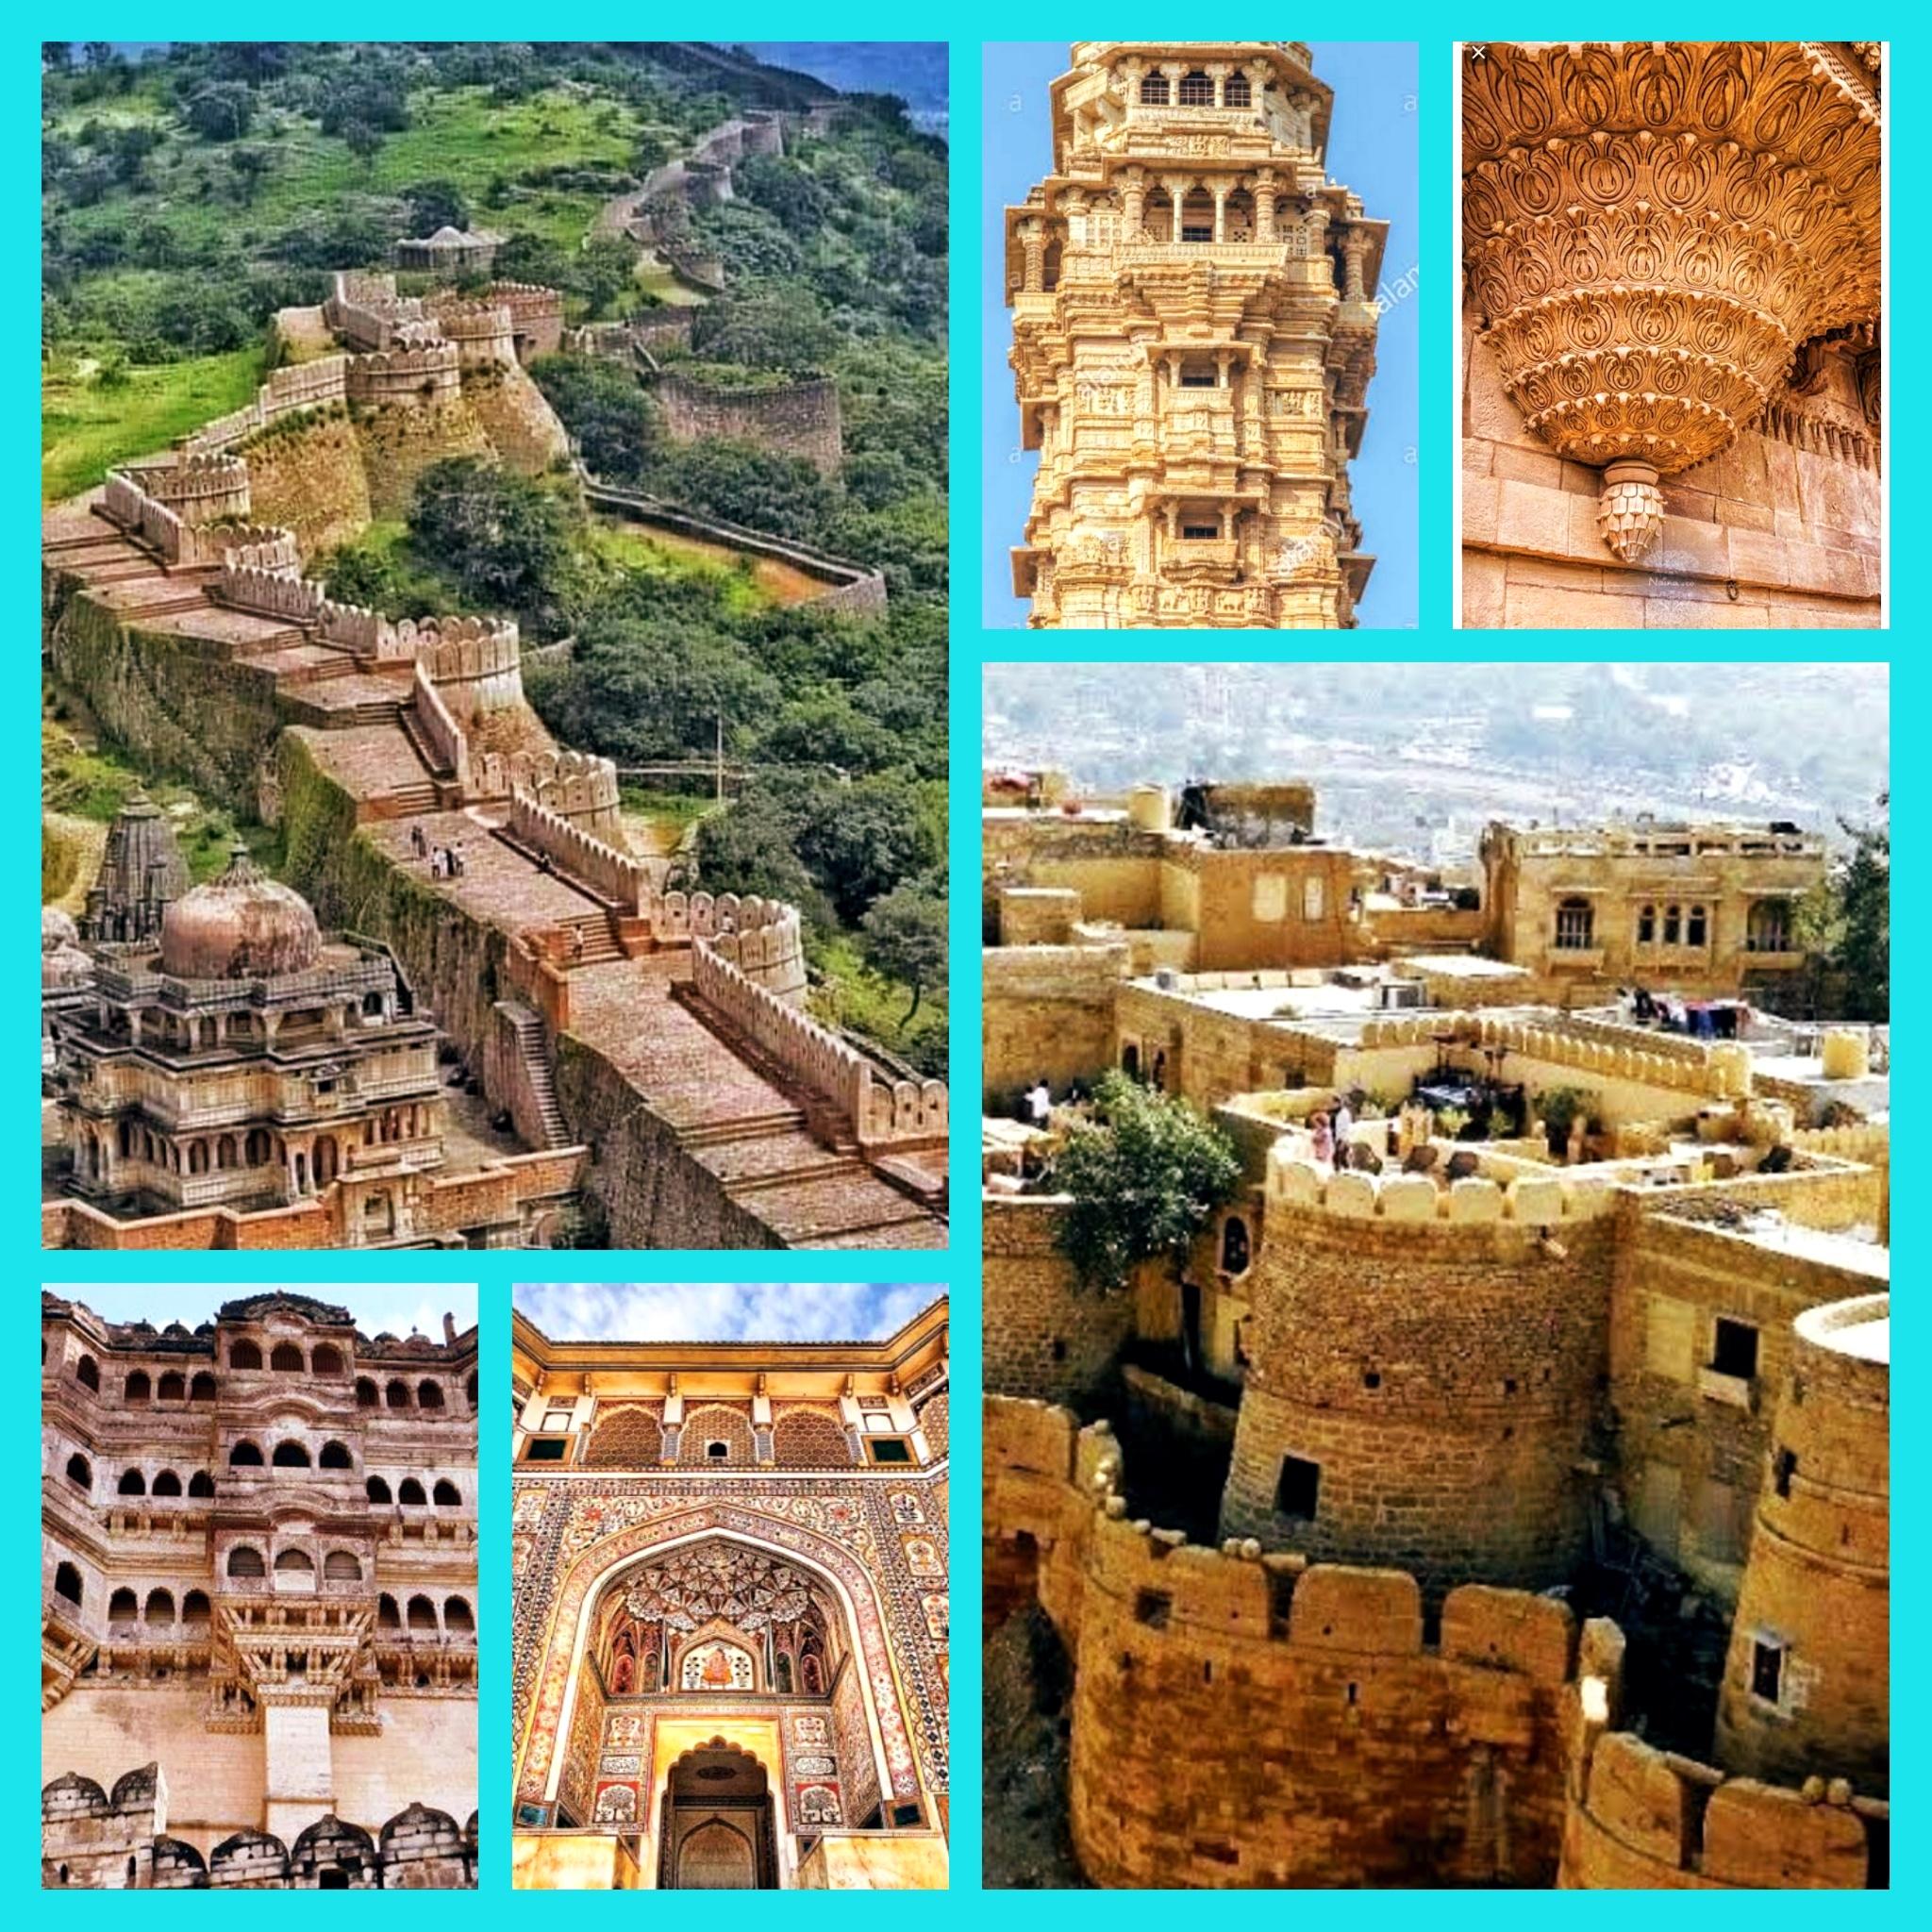 राजस्थान आये तो जरूर देखें गौरव के साक्षी ये किले